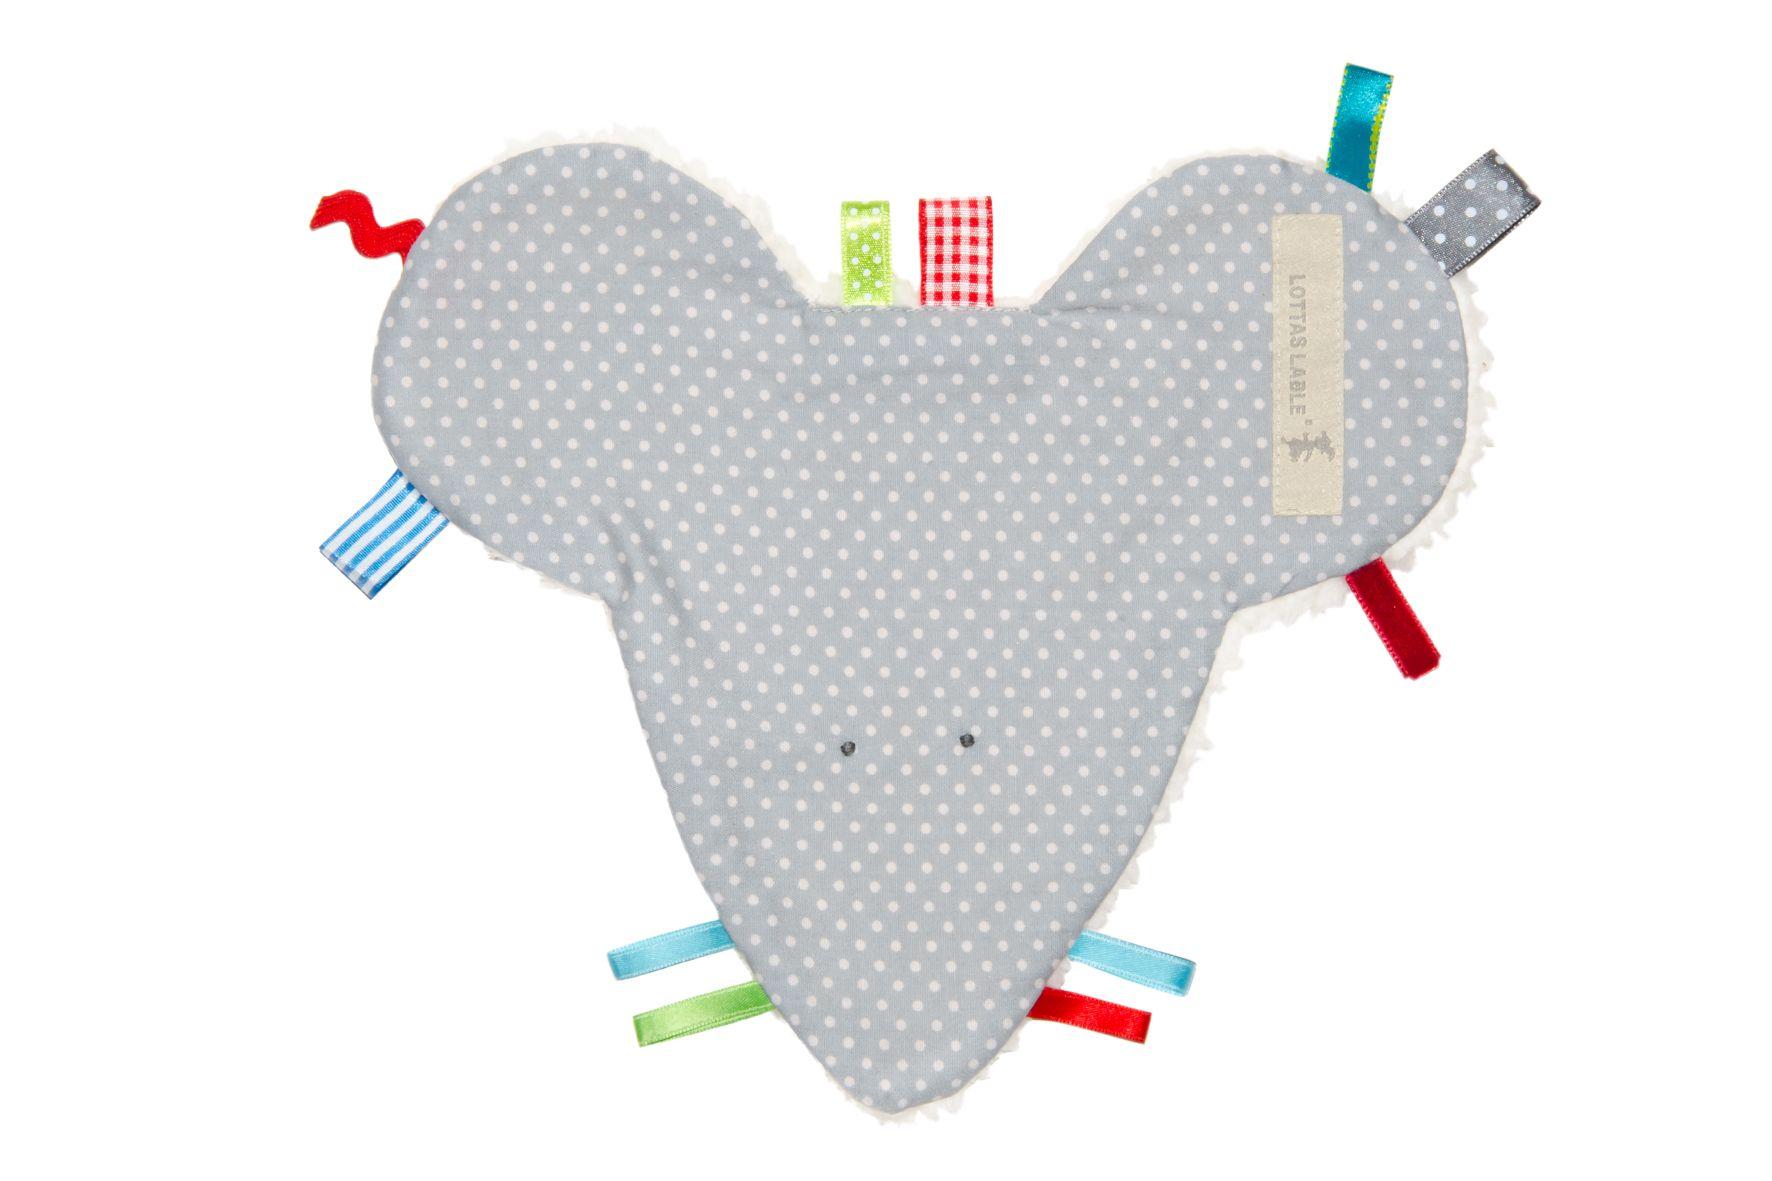 liebevoll gestaltetes f hltuch von lottas lable f r ihr baby welches die sinne ihres baby weckt. Black Bedroom Furniture Sets. Home Design Ideas